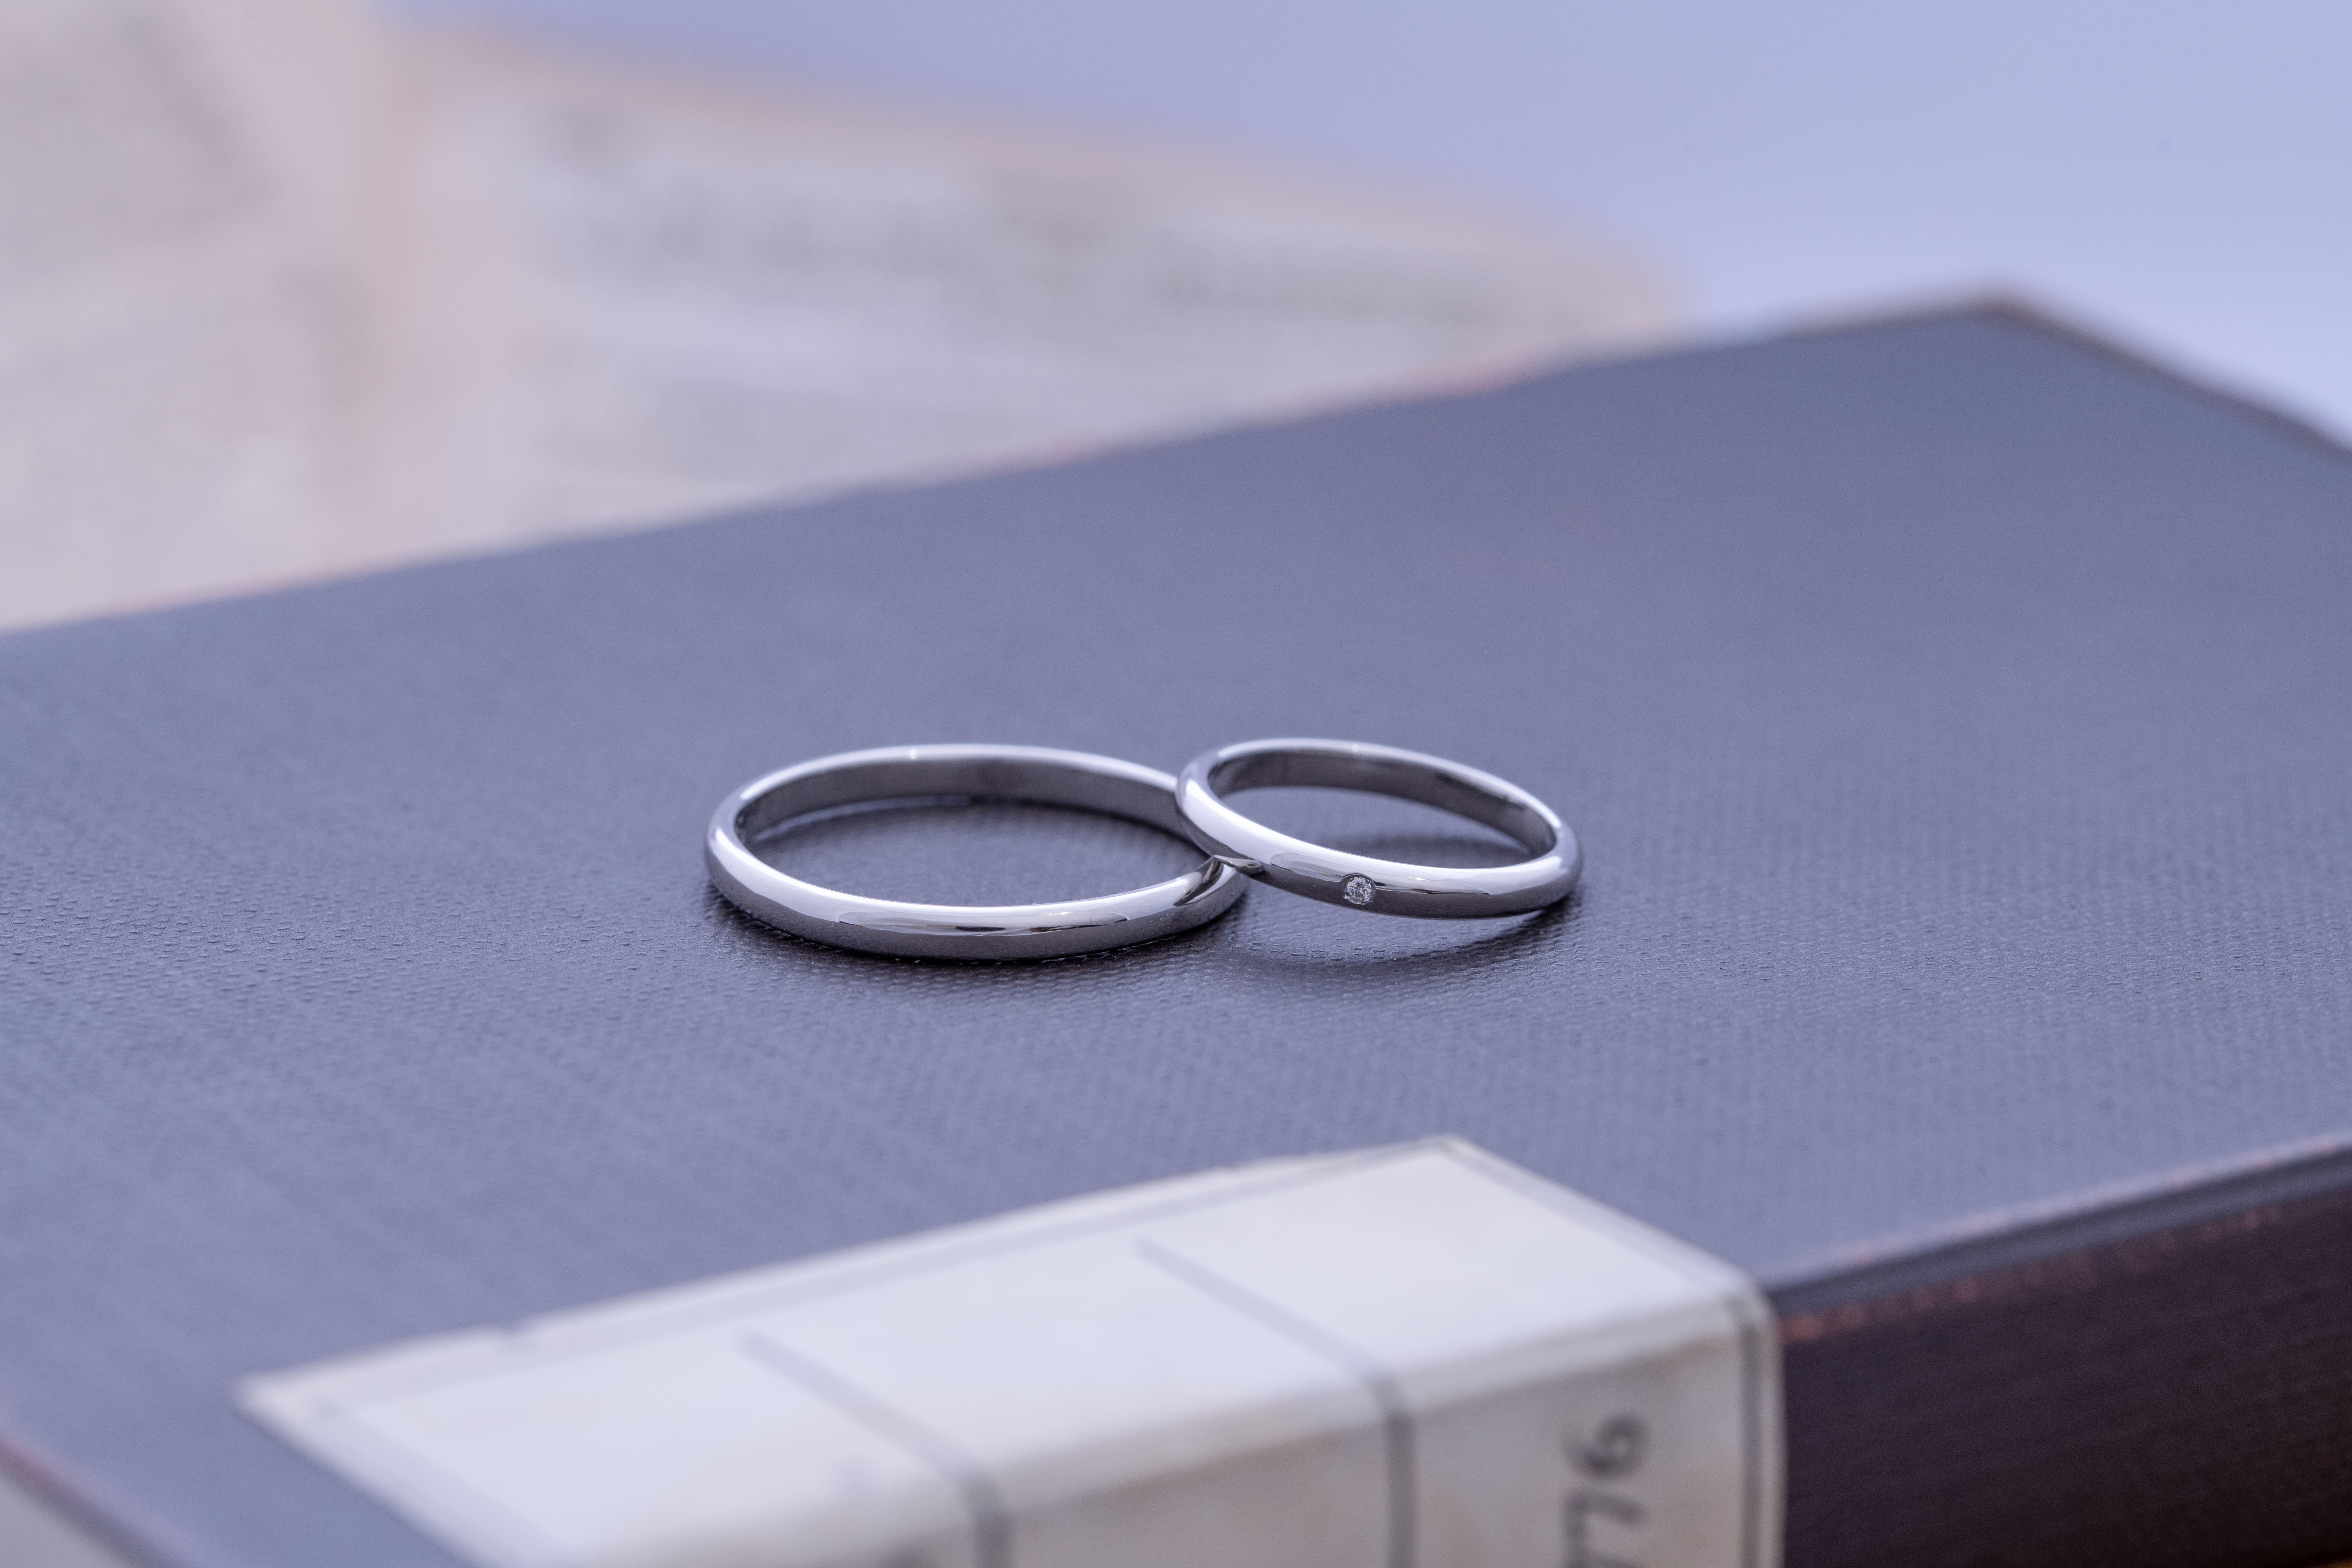 昔ながらのプラチナ結婚指輪 | 結婚指輪手作り作品